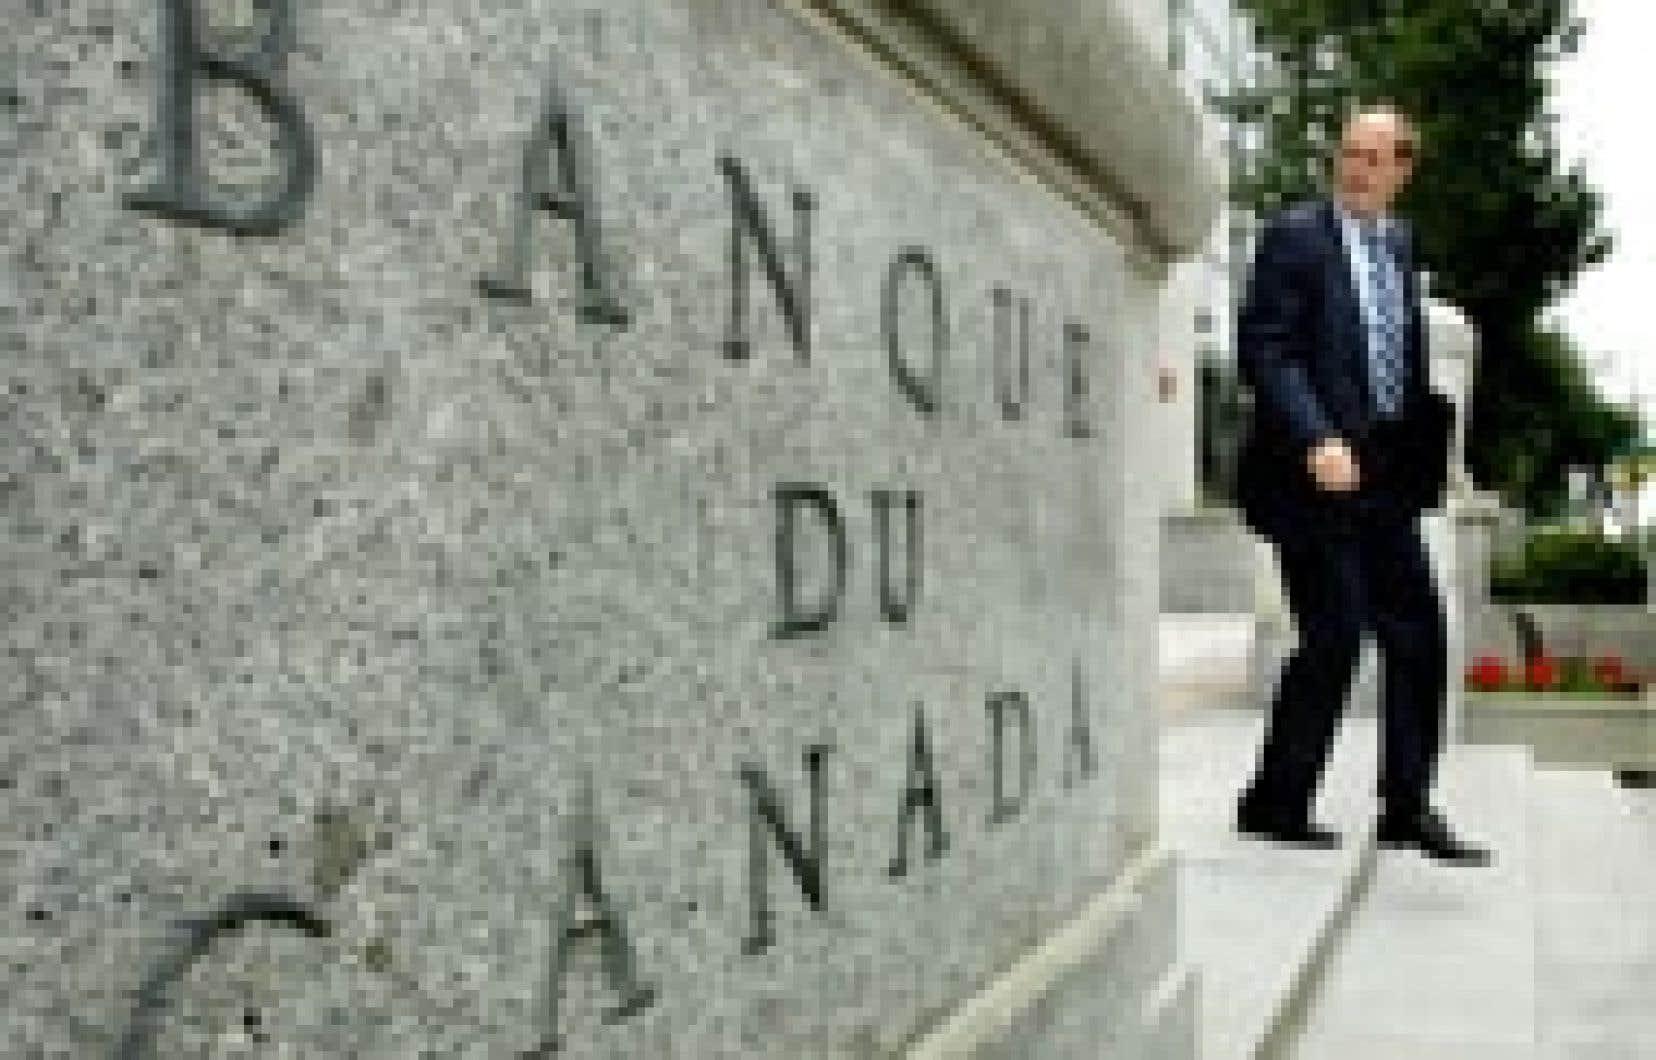 Le gouverneur de la Banque du Canada, David Dodge, a enjoint au gouvernement de Paul Martin de préserver l'équilibre budgétaire des finances fédérales afin de maintenir la stabilité et la vigueur de l'économie.